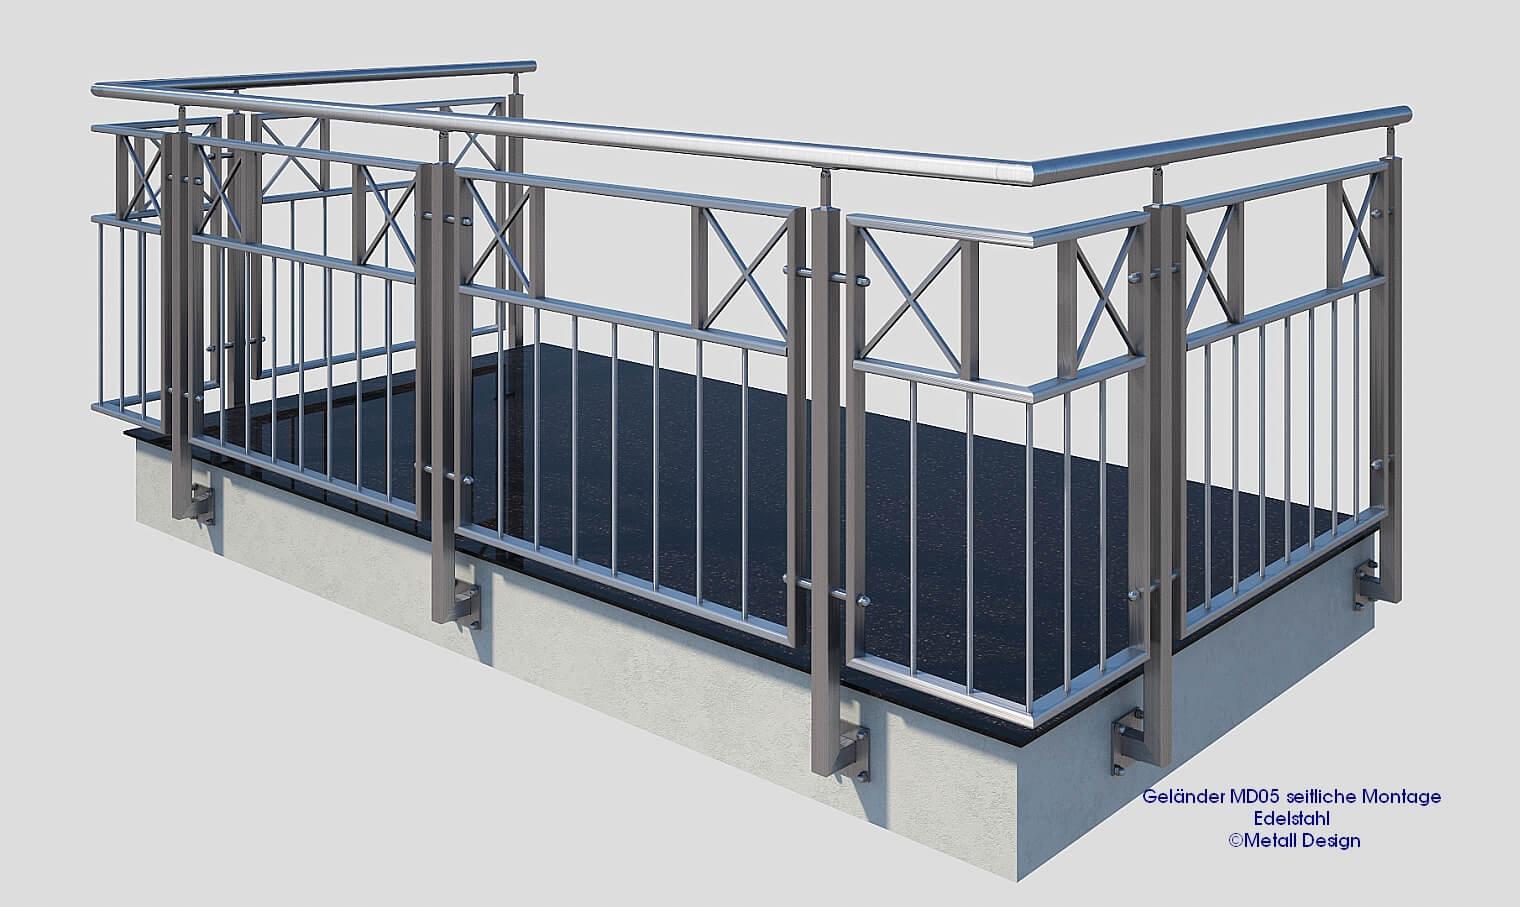 Franzosischer Balkon Edelstahl Mde05a Deutschland